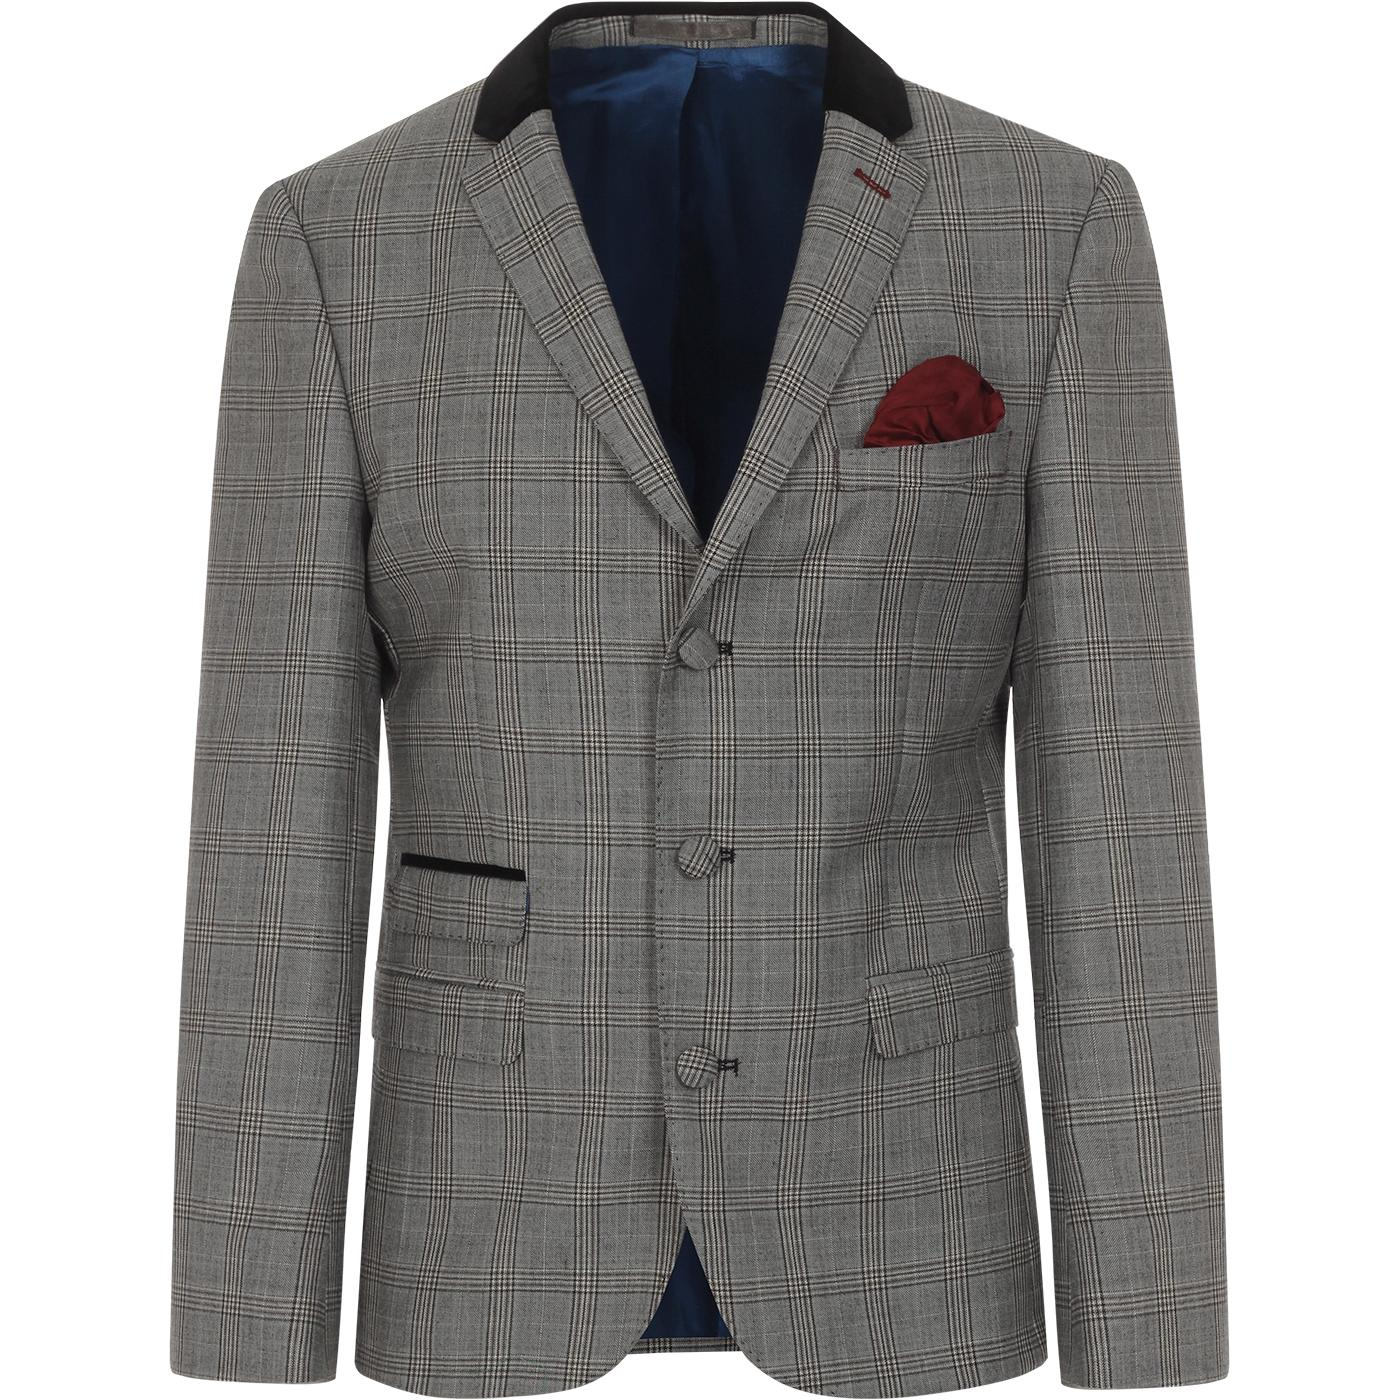 MADCAP ENGLAND Mod Pow Check Velvet Collar Blazer